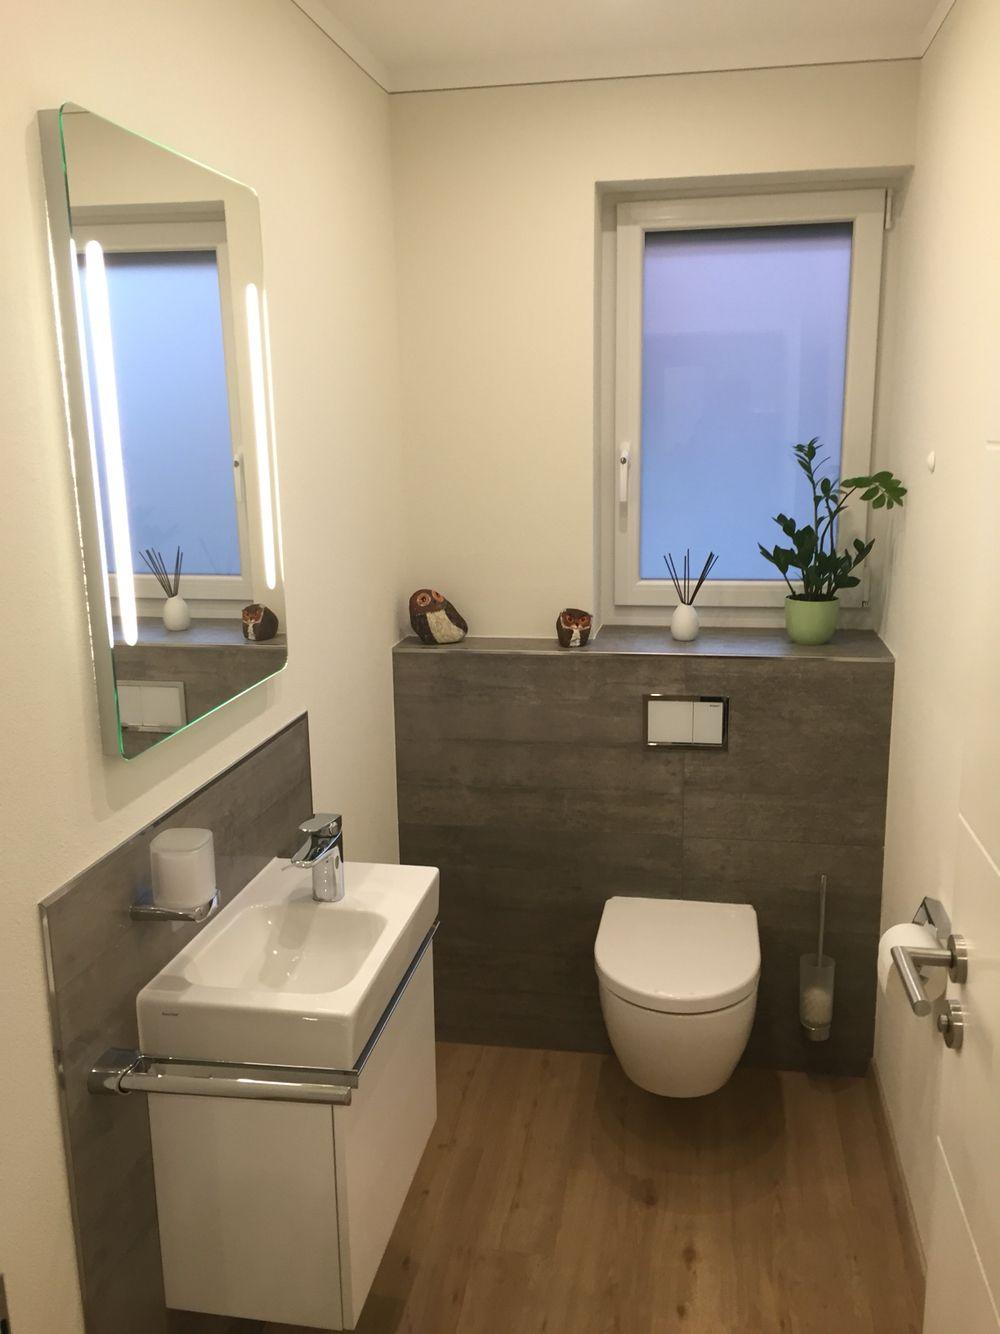 Badezimmerwanddekor über toilette gästewc teilgefliest mit grauen fliesen in betonoptik und